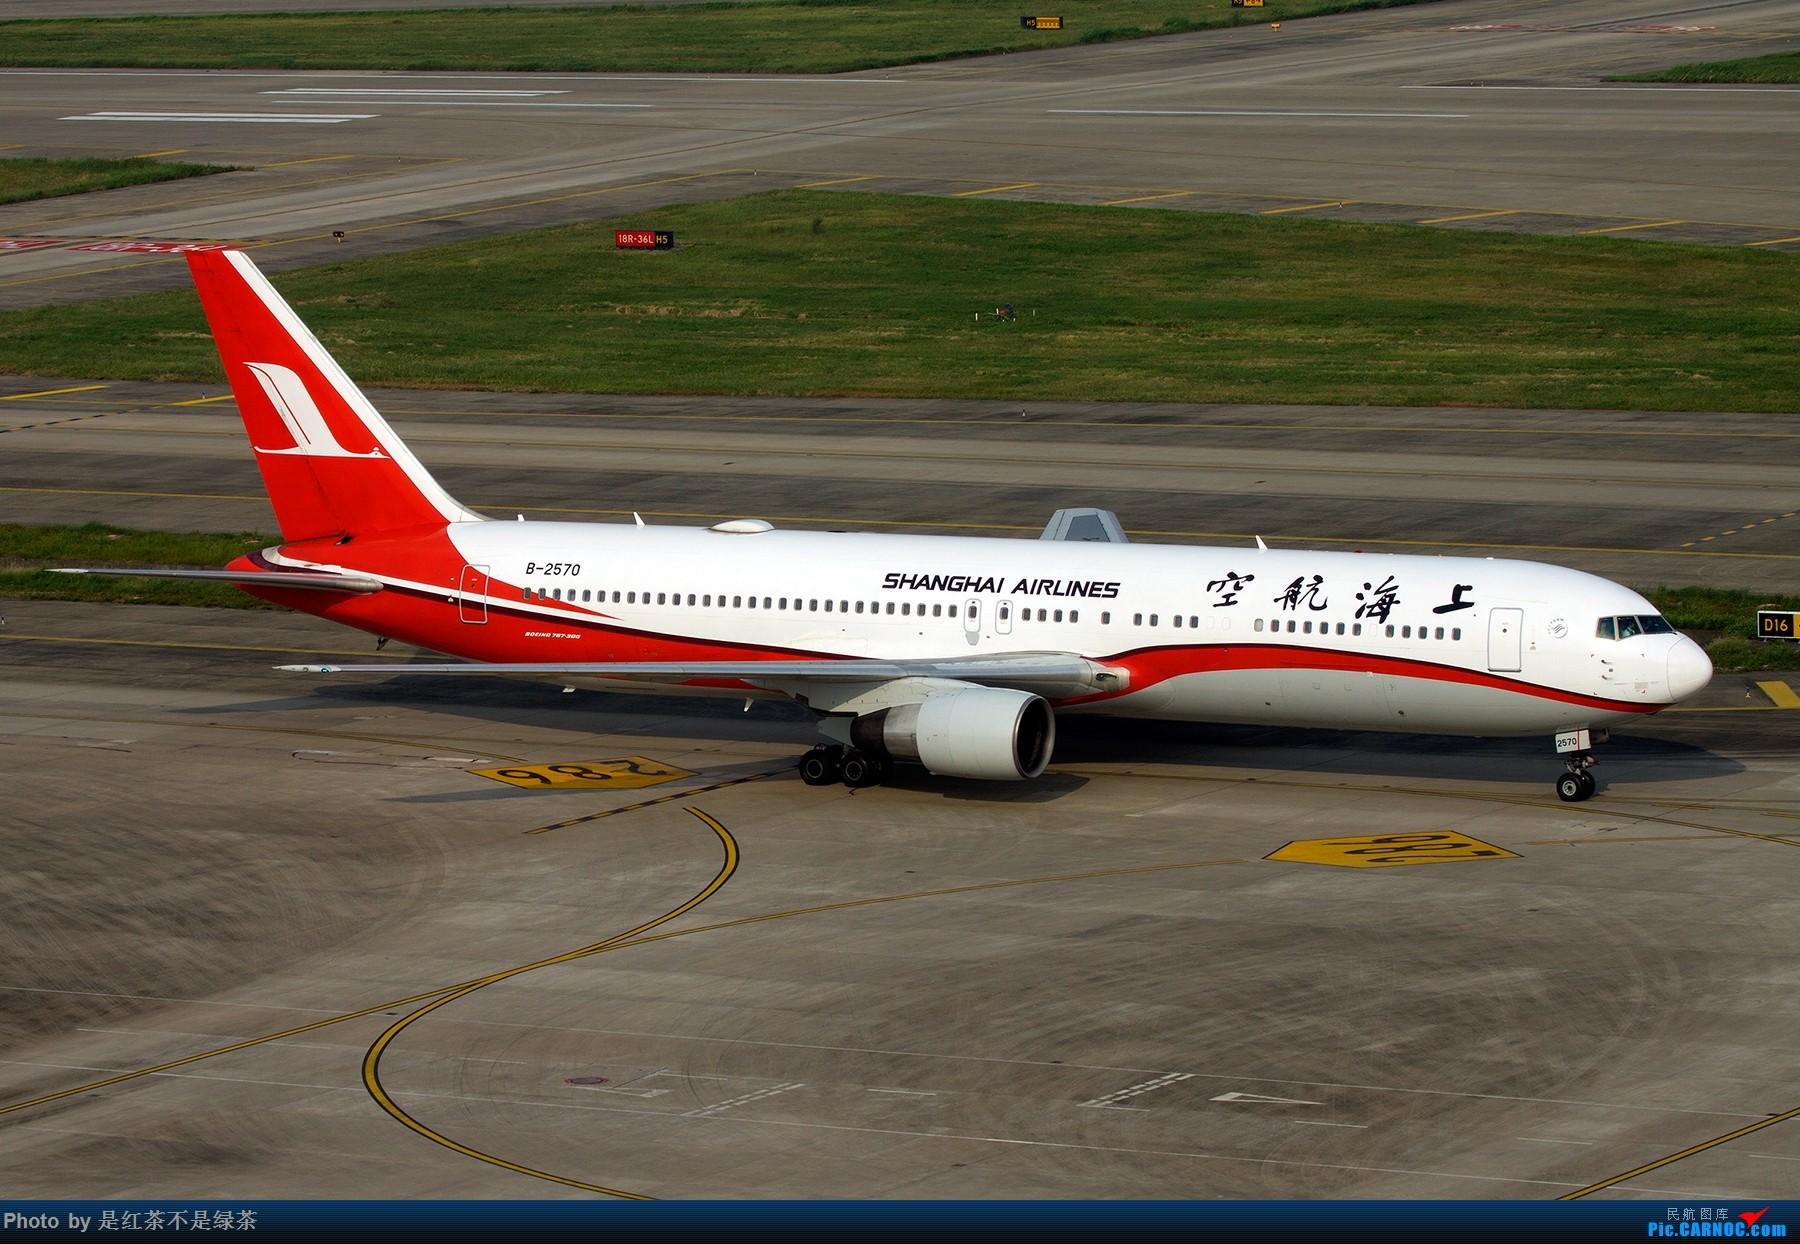 [原创]【红茶拍机】25年相伴,上航感谢有你!欢送中国最后一架767客机退出运营! BOEING 767-300 B-2570 中国上海虹桥国际机场